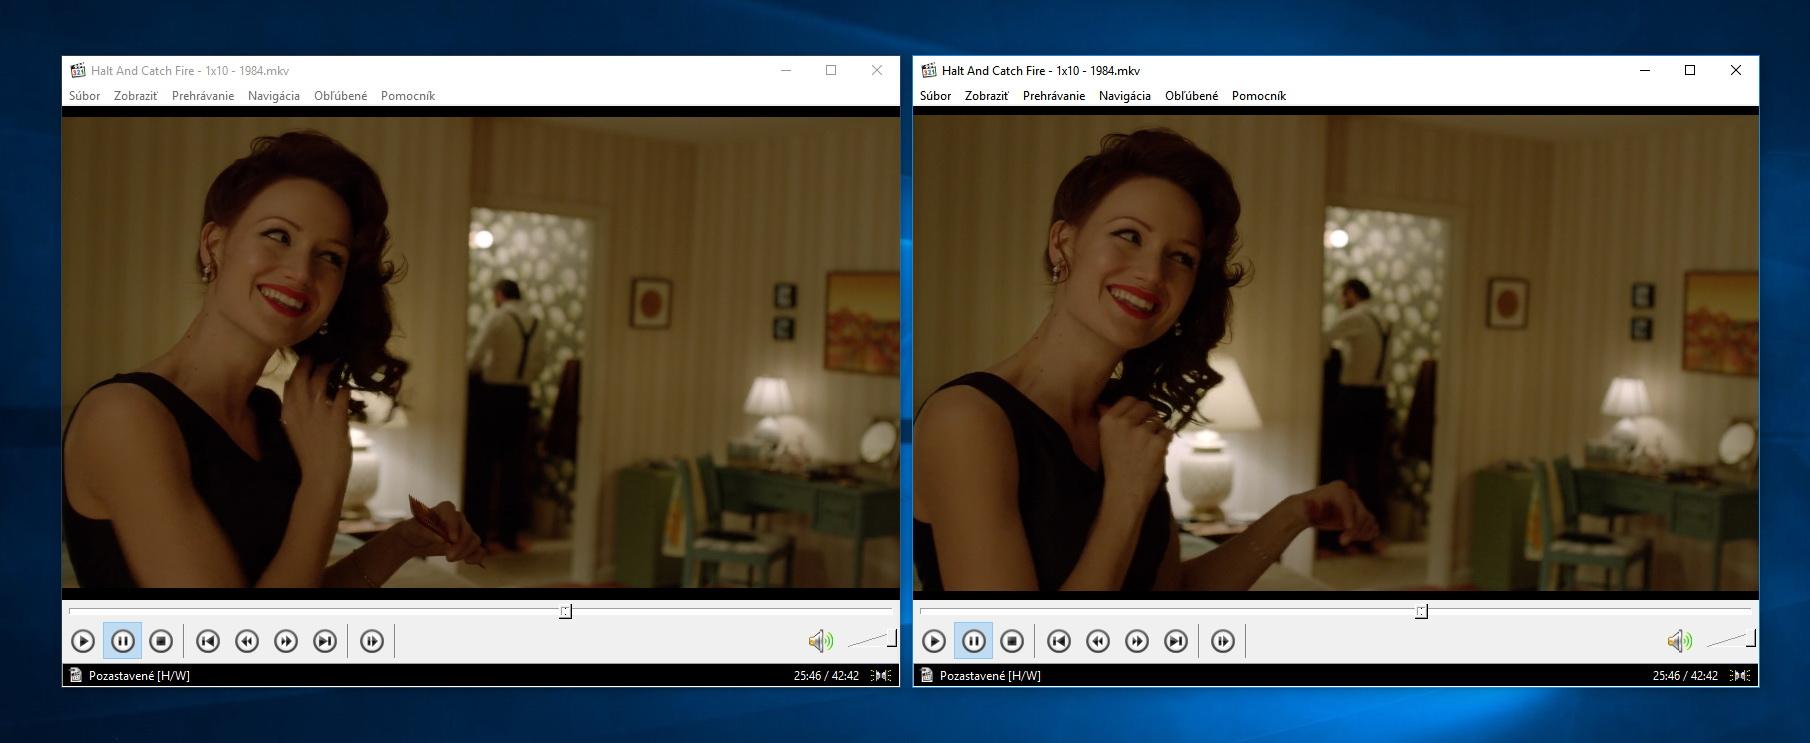 4c5c0ae9b PC Revue | Tipy, triky a návody: Ako na Windows otvoriť dve ...